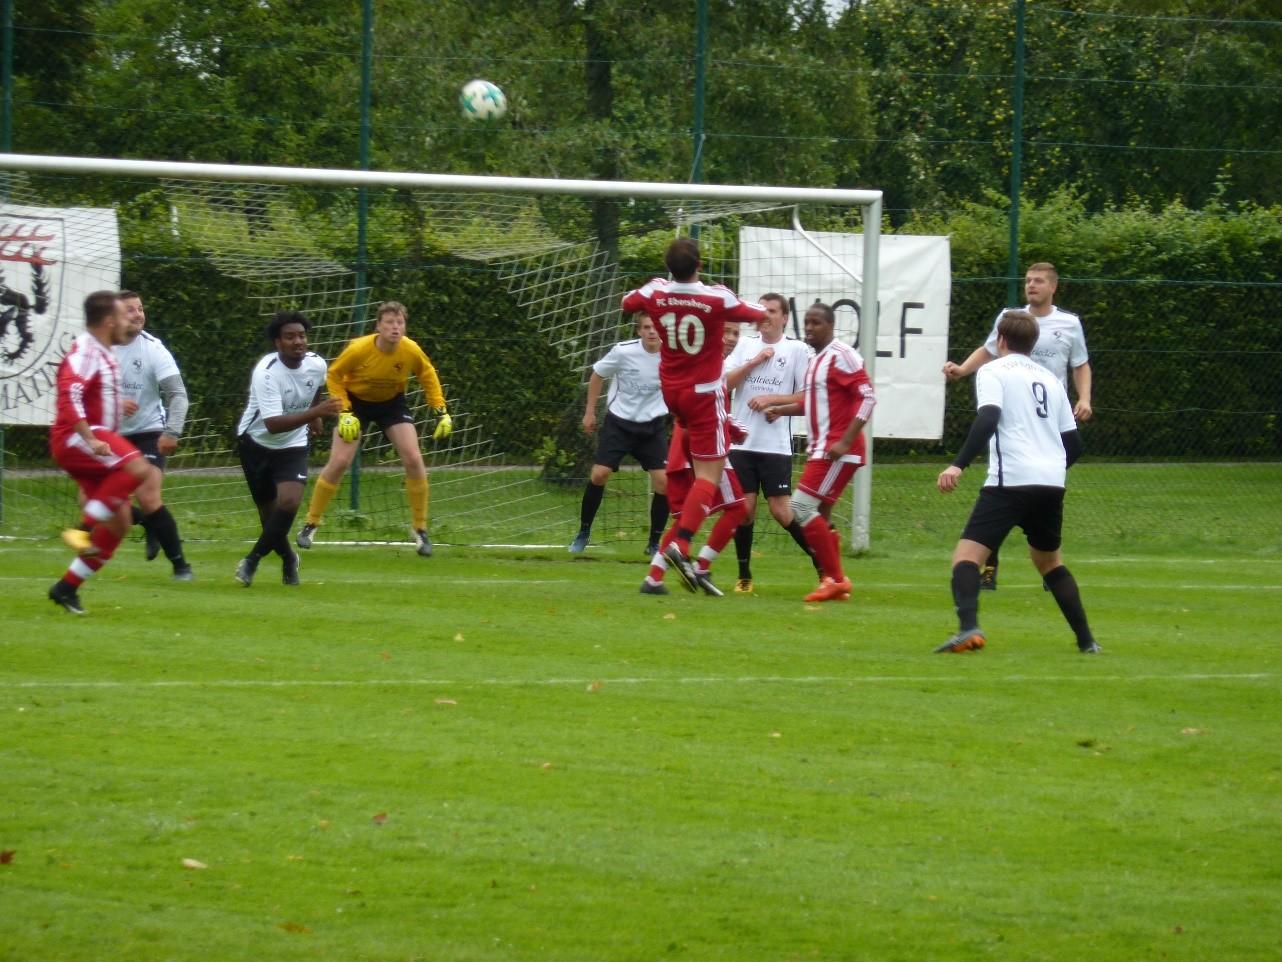 TSV Egmating 2 – FC Ebersberg 2 2 : 3 (1:0)